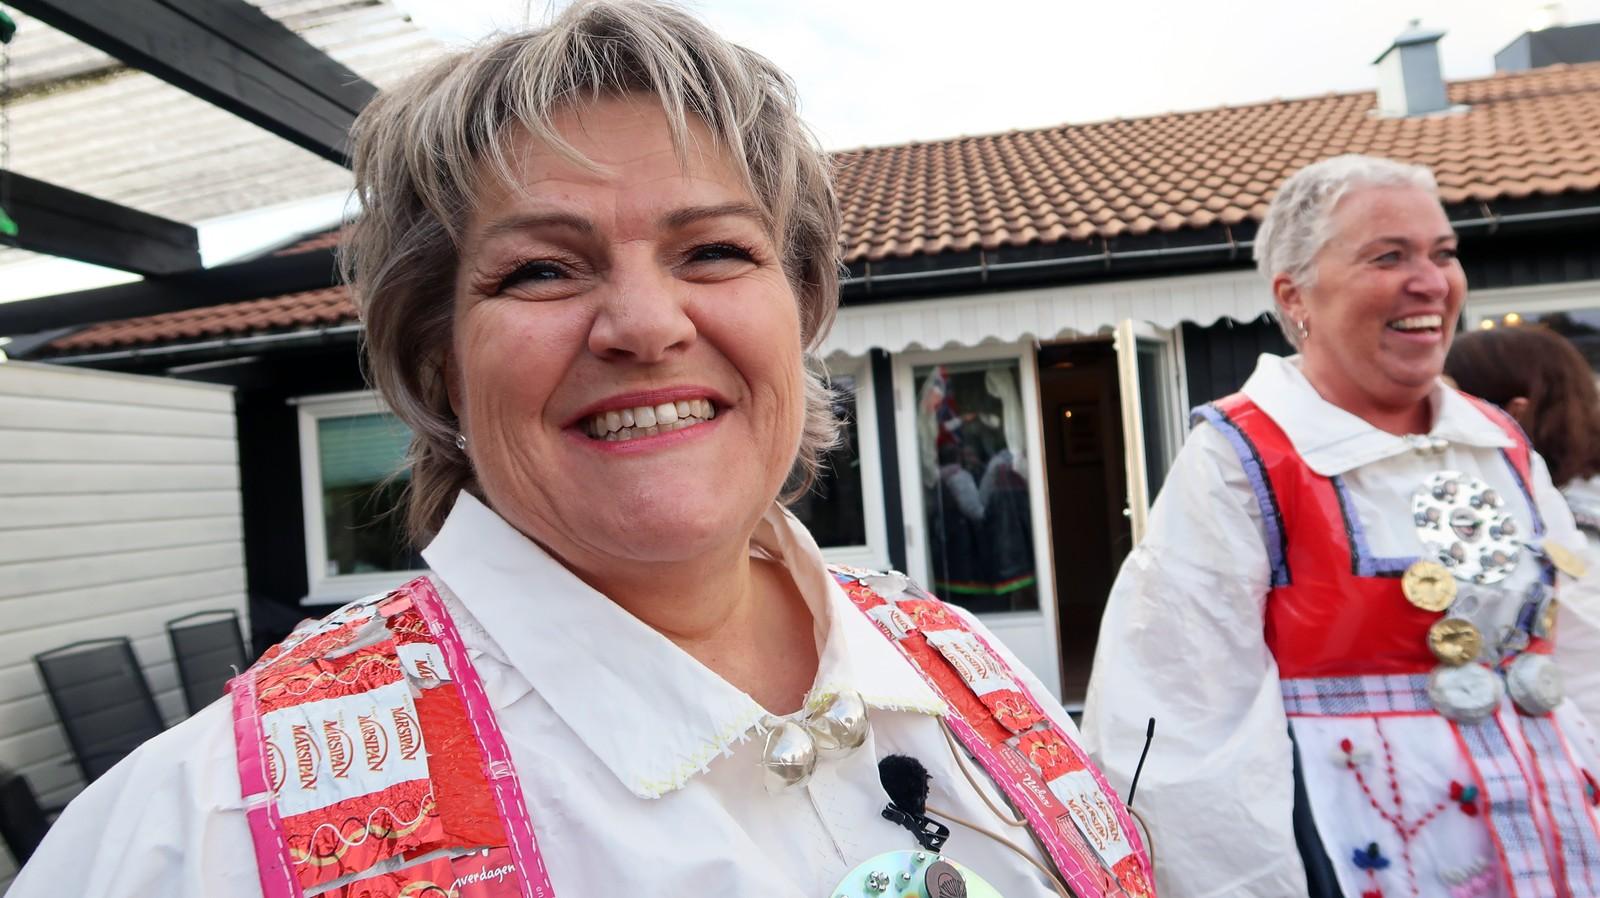 Aase Helene Fidje Ødegaard fikk ideen og sydde 25 bunader i plast med Aust- og Vest-Agderbunadene som utgangspunkt.